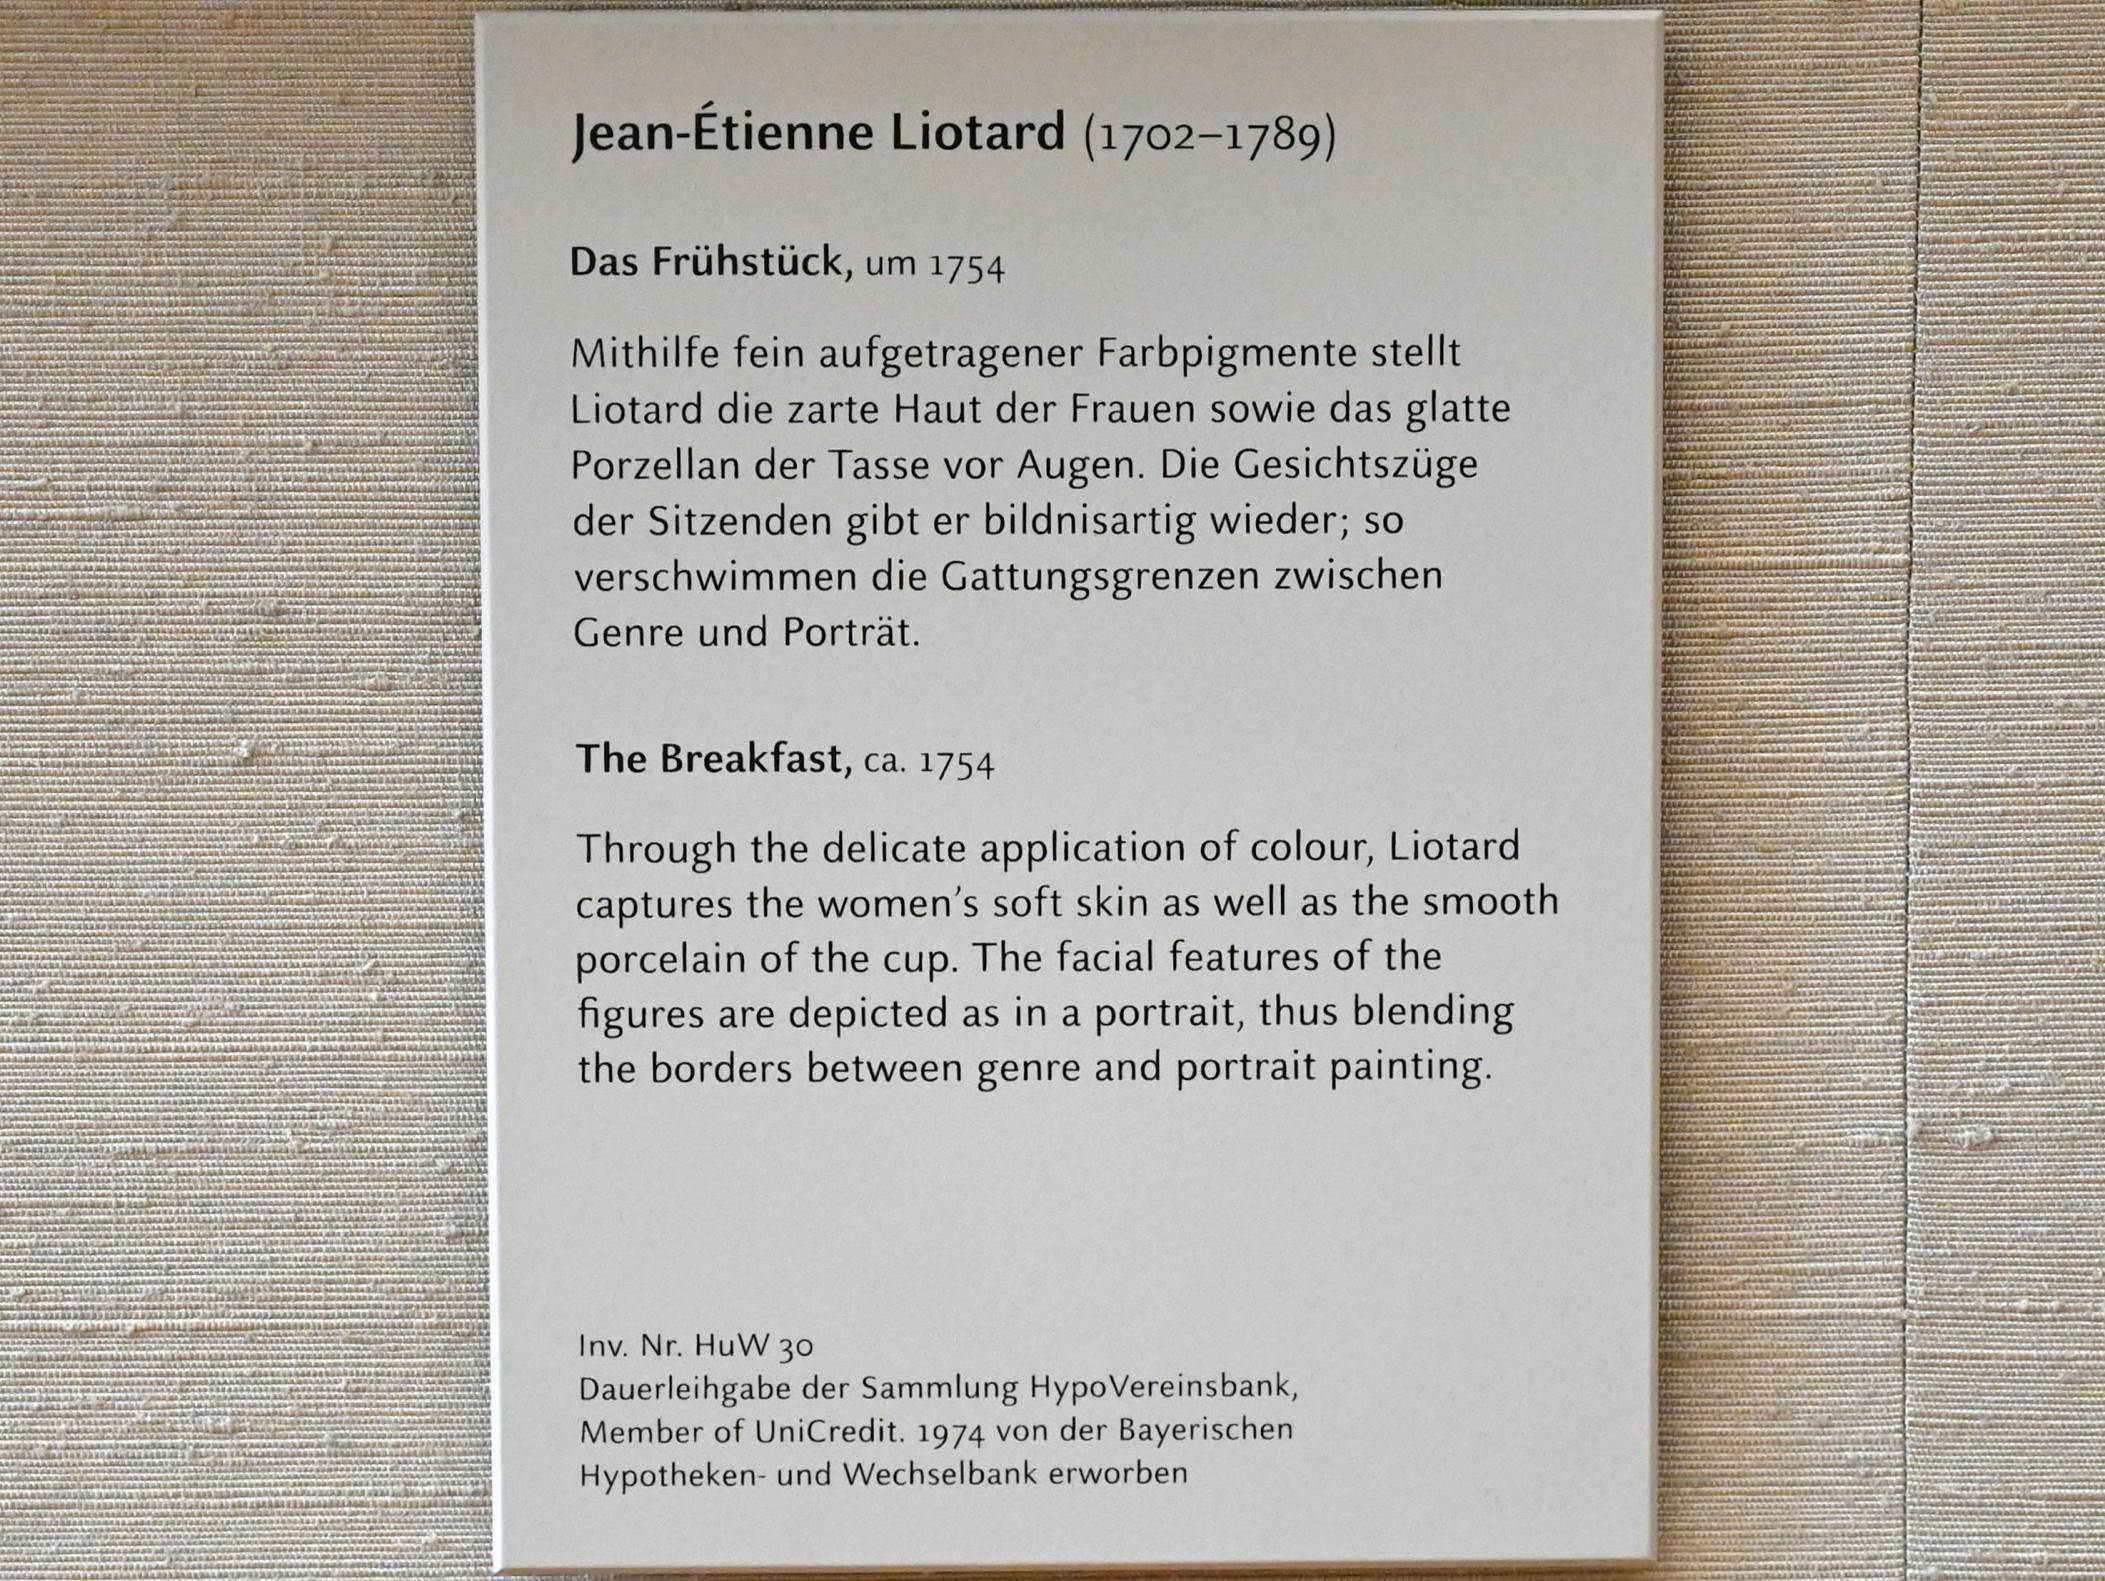 Jean-Étienne Liotard: Das Frühstück, um 1754, Bild 2/2